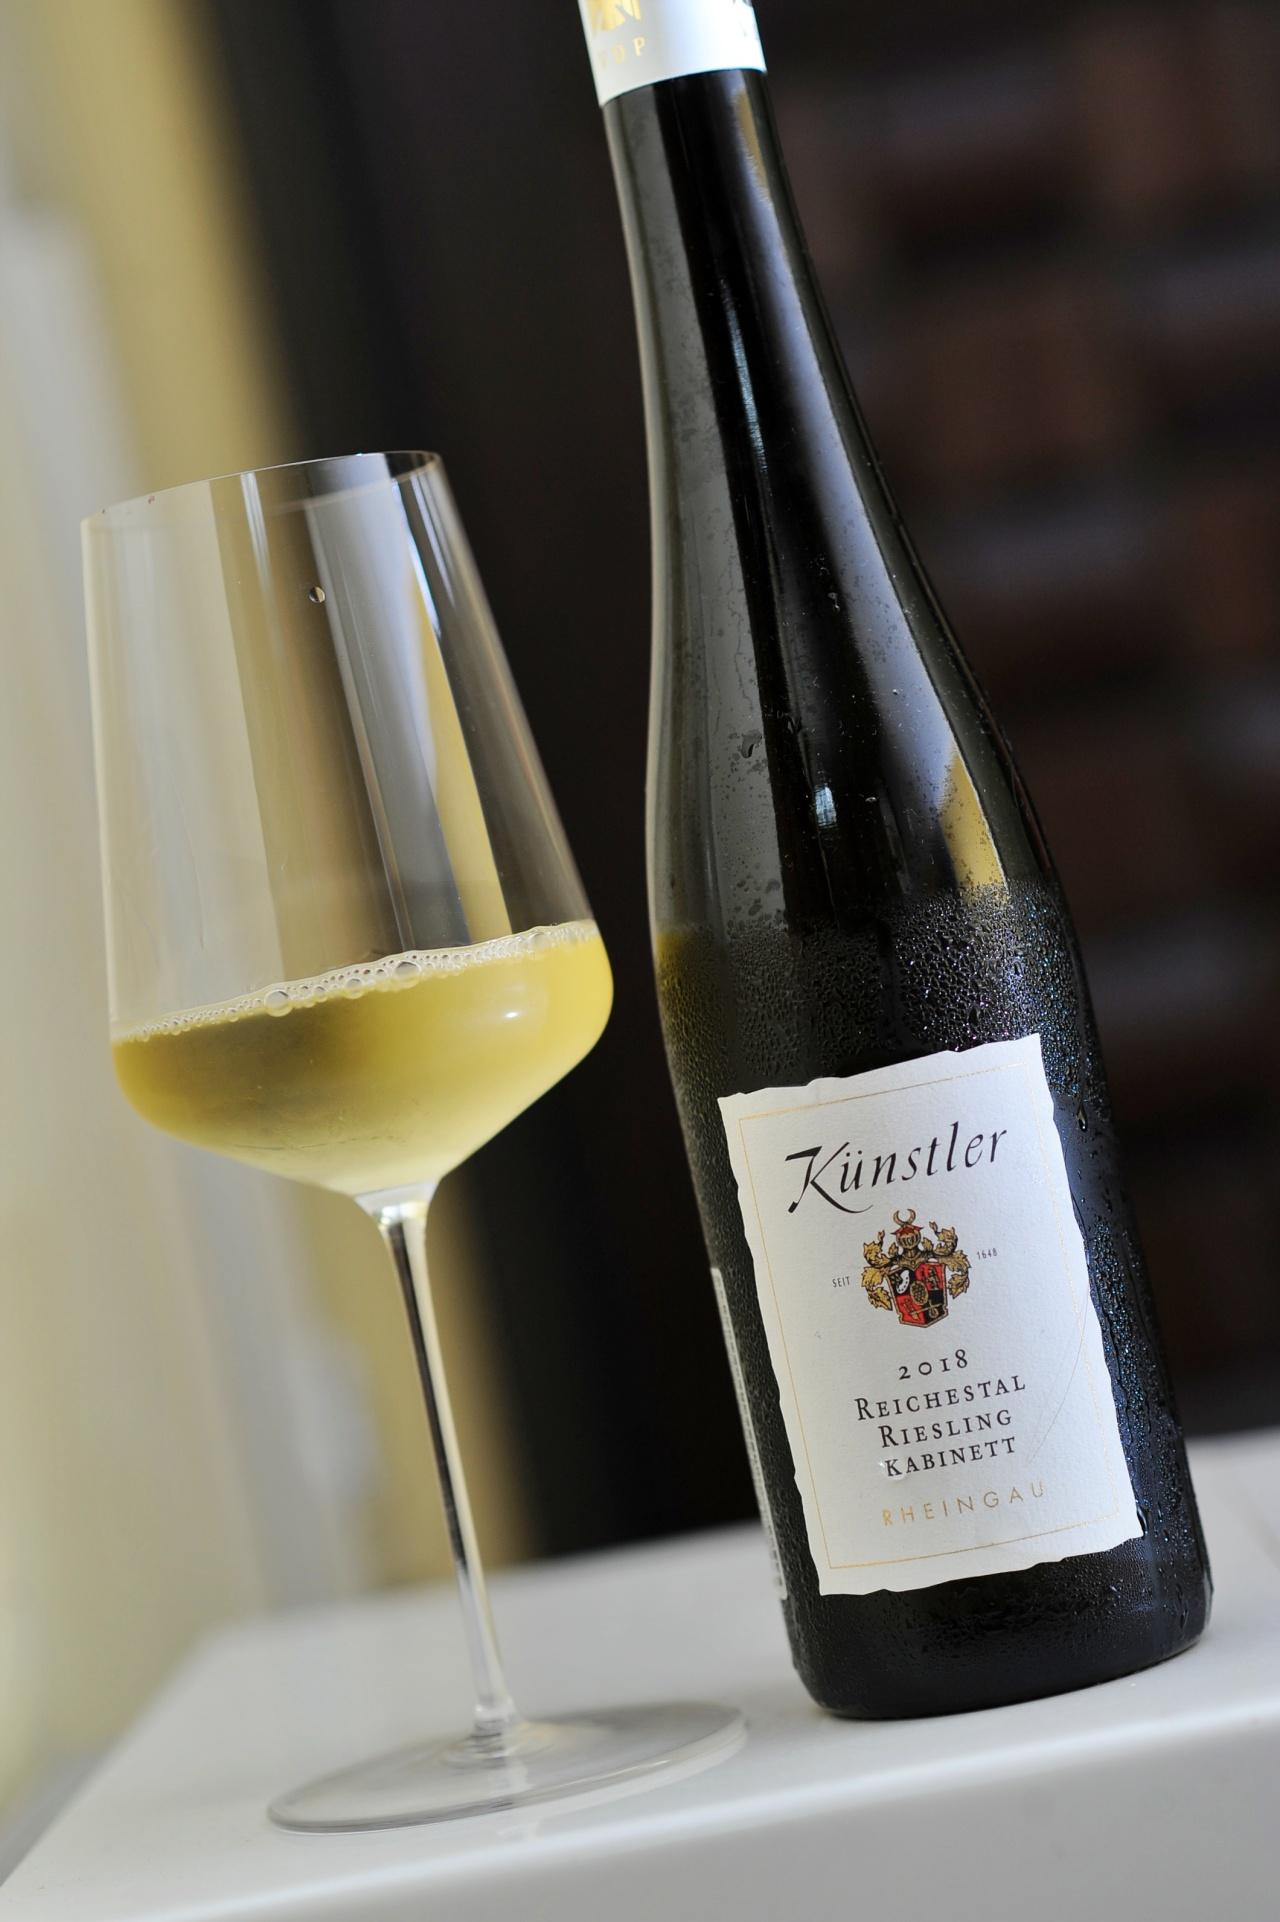 Weingut Kunstler Hochheim Reichestal Riesling Kabinett  Rheingau